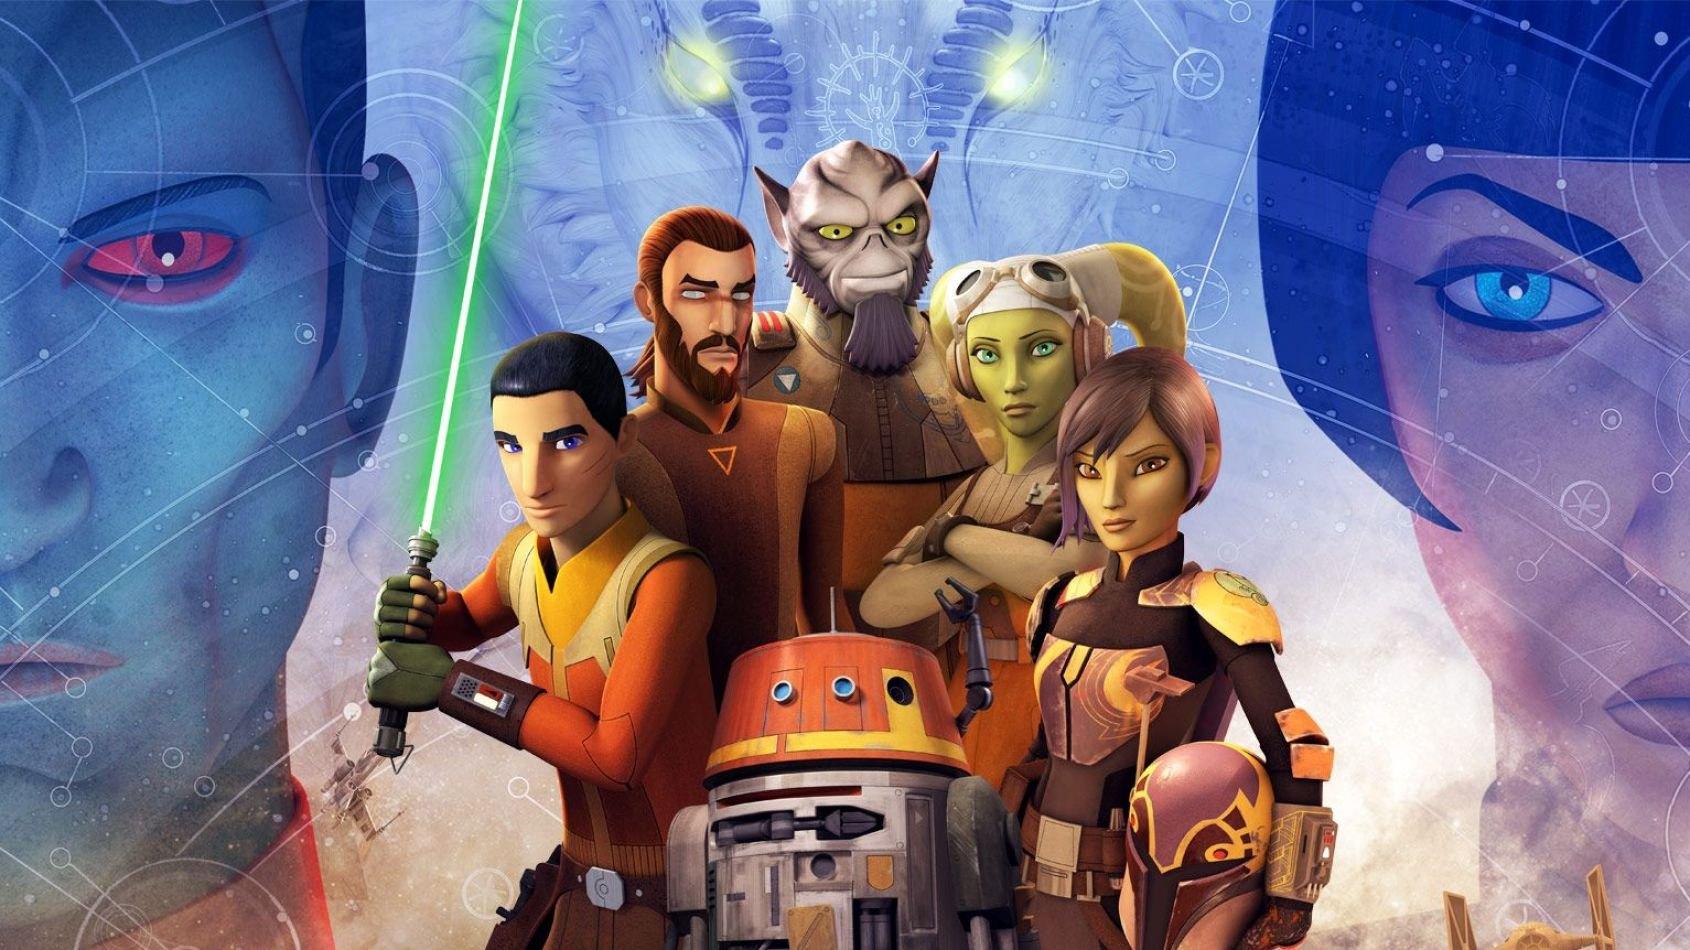 Un trailer pour les derniers épisodes de Rebels